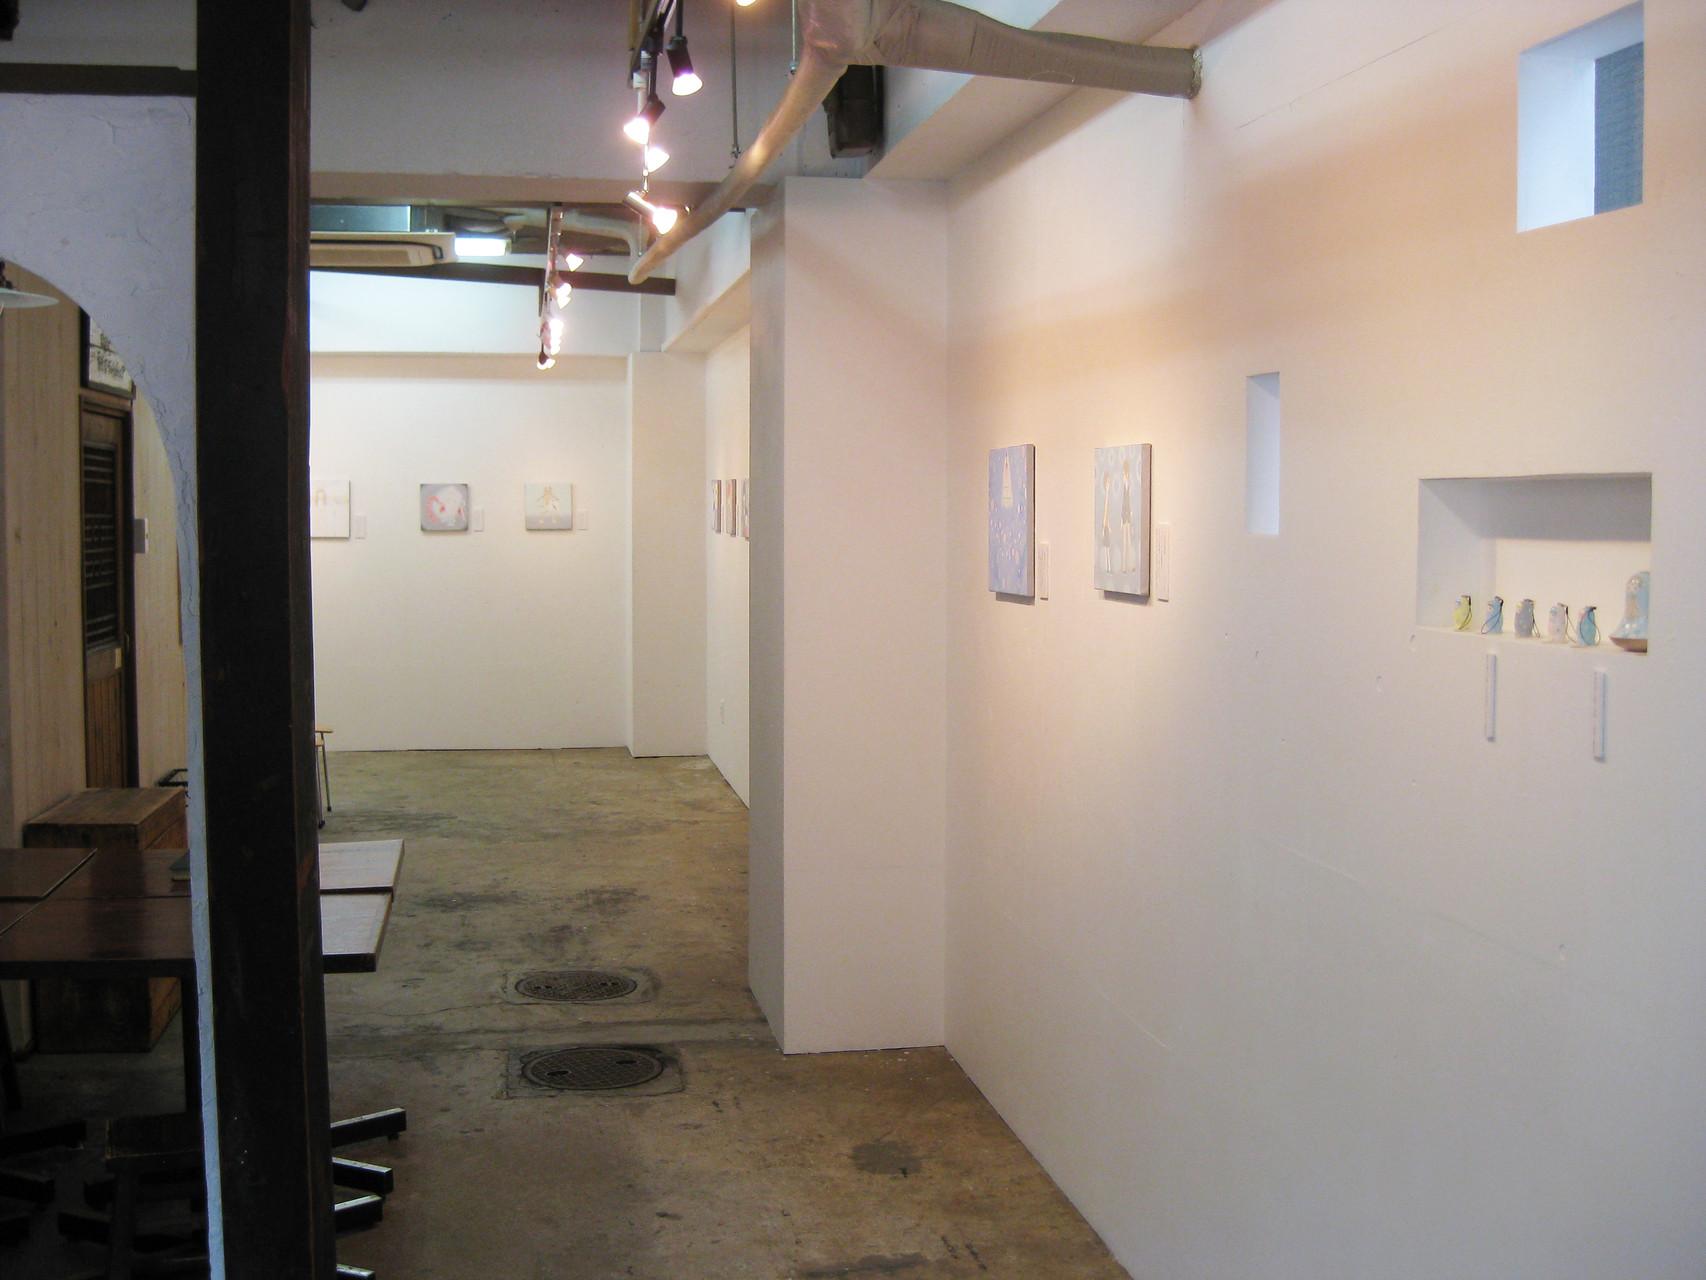 やわらかな光と白い壁のギャラリー